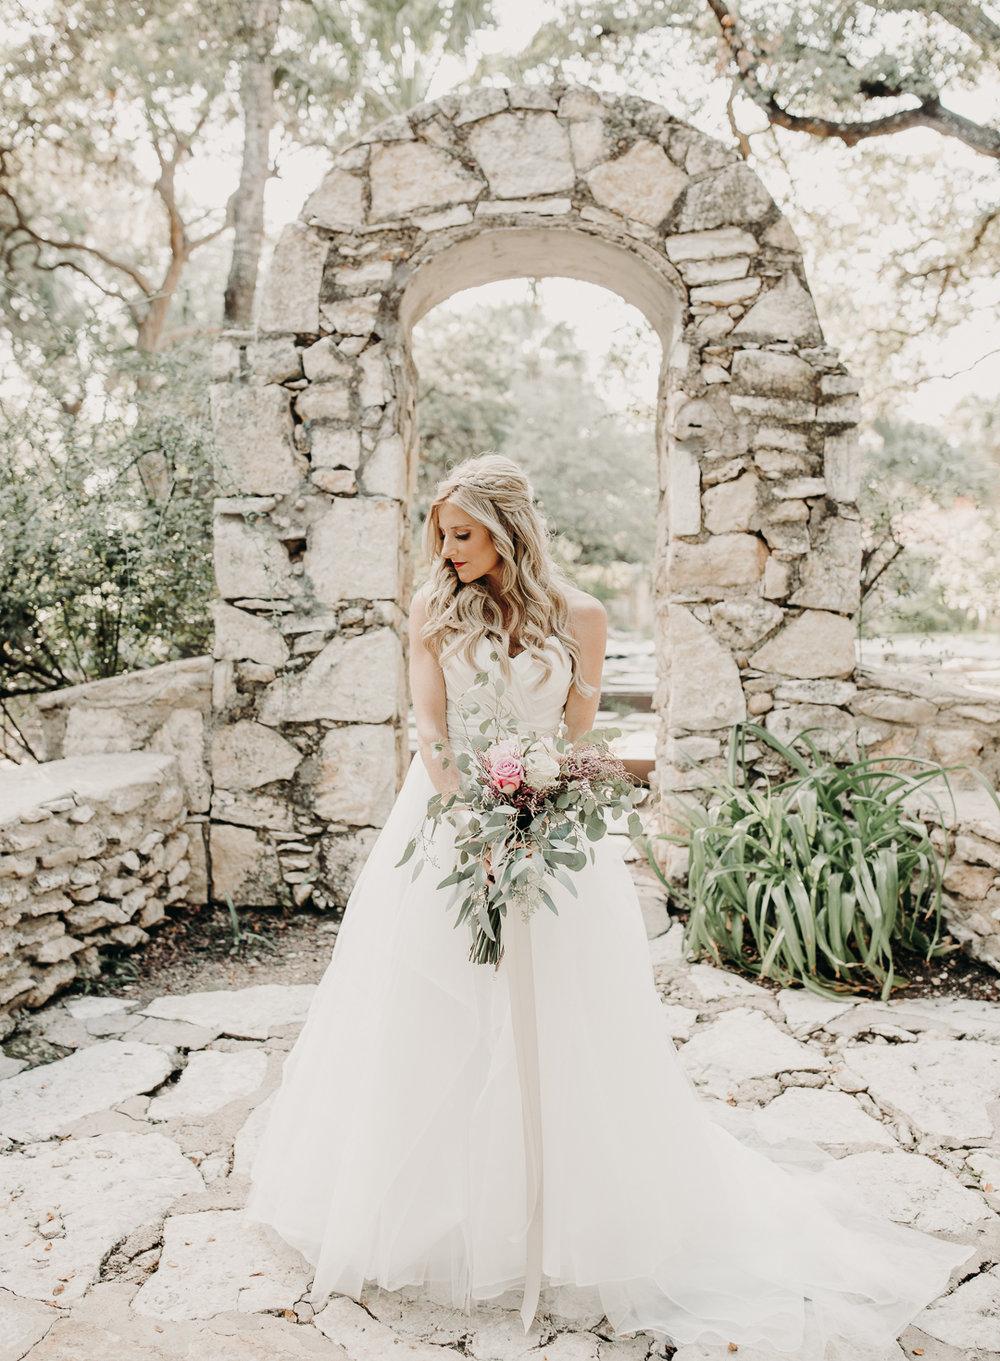 bröllop+rustikt+vintage+brudklänning